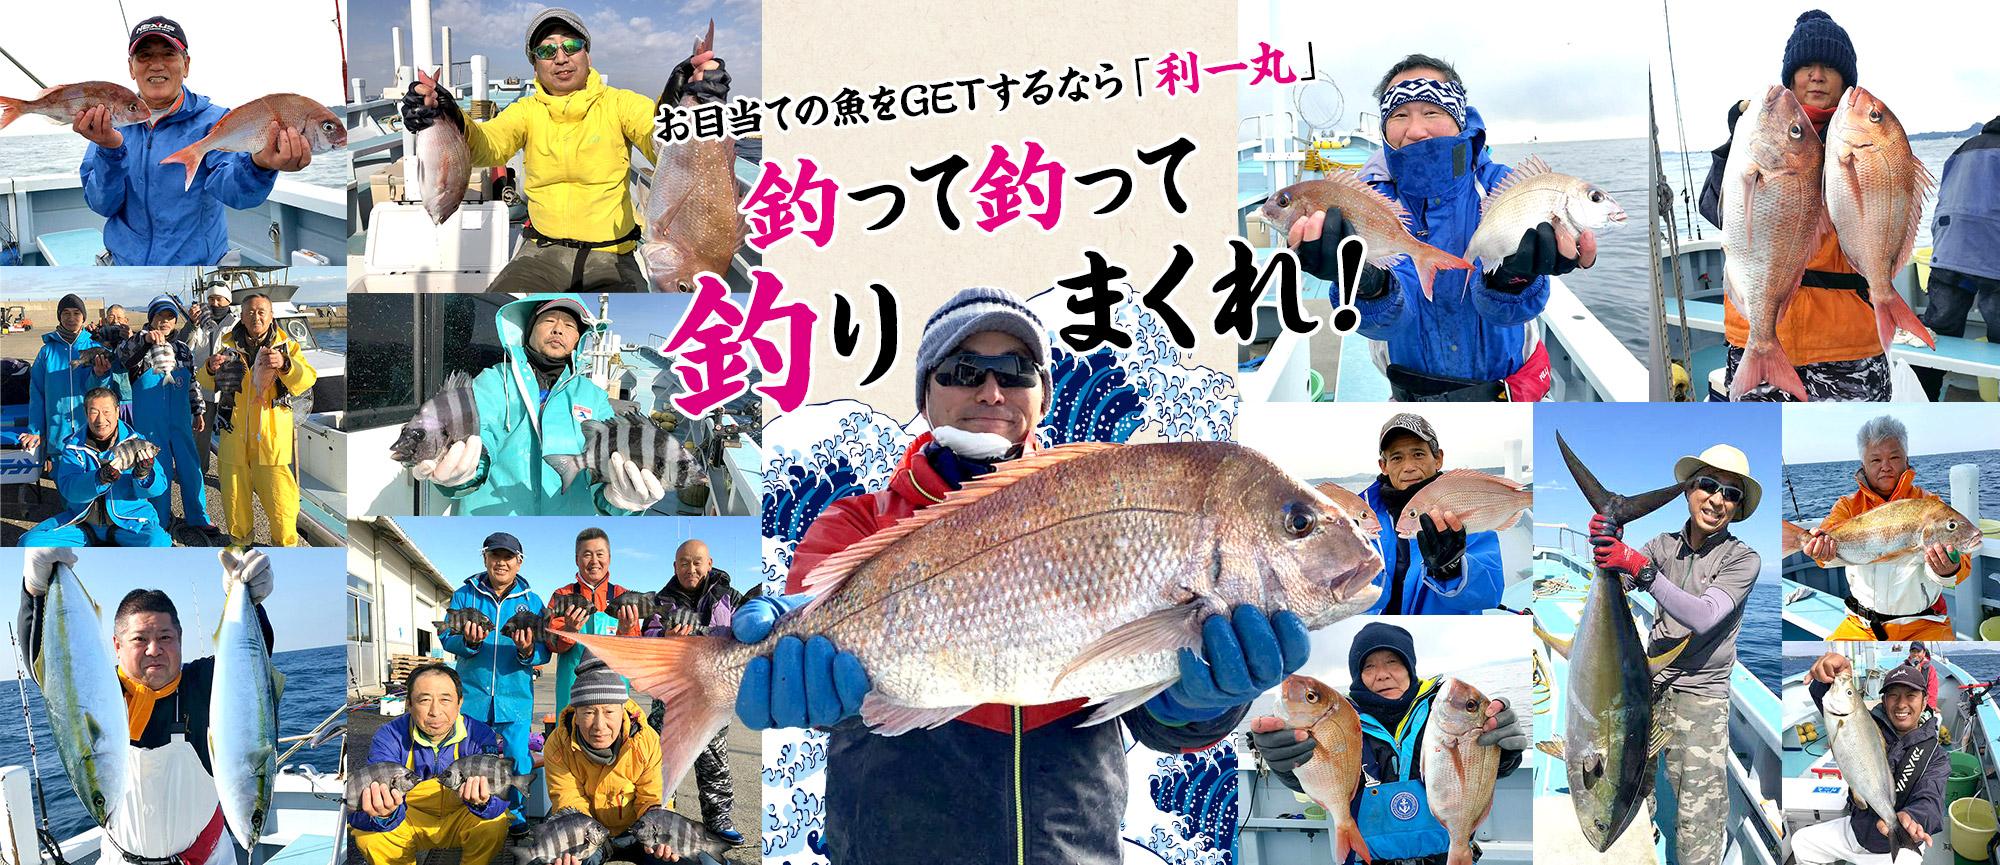 お目当ての魚をGETするなら「利一丸」 釣って釣って釣りまくれ!